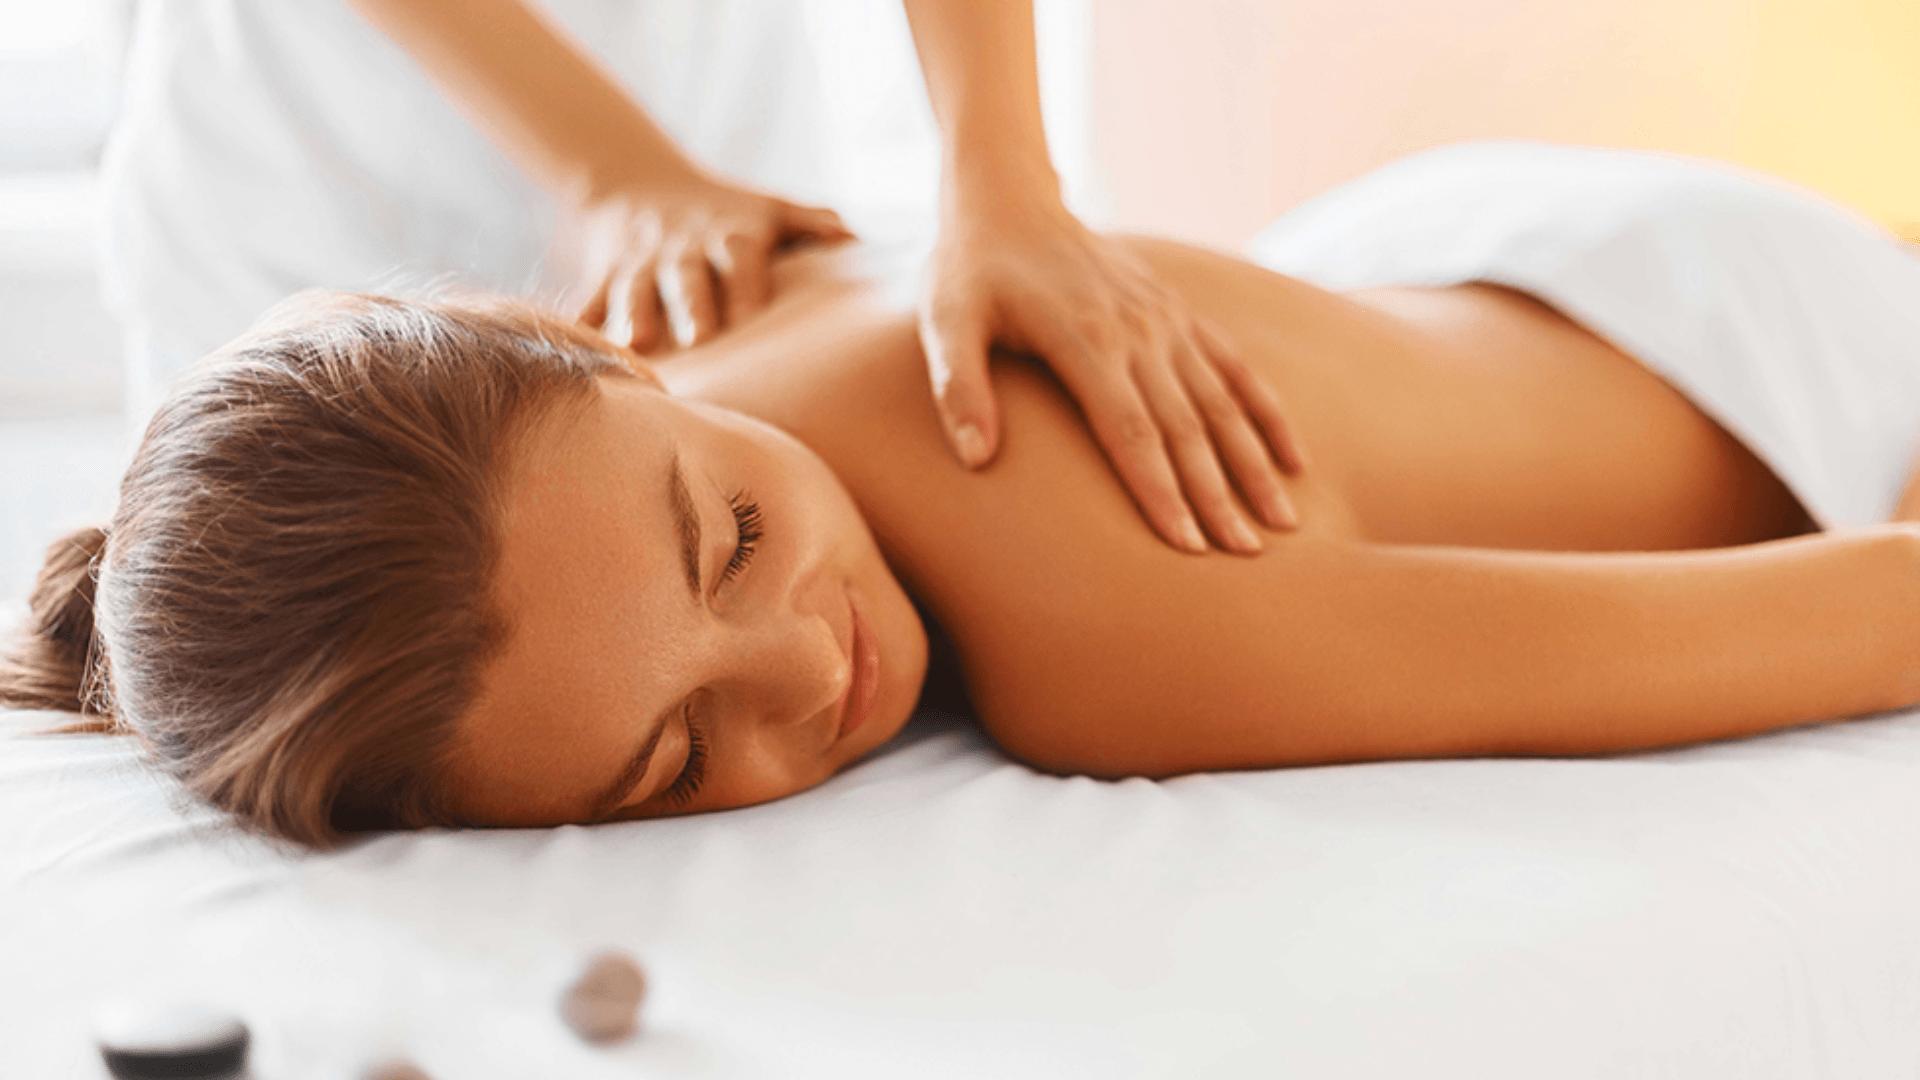 Szukasz masażu w Krakowie z dojazdem do domu?